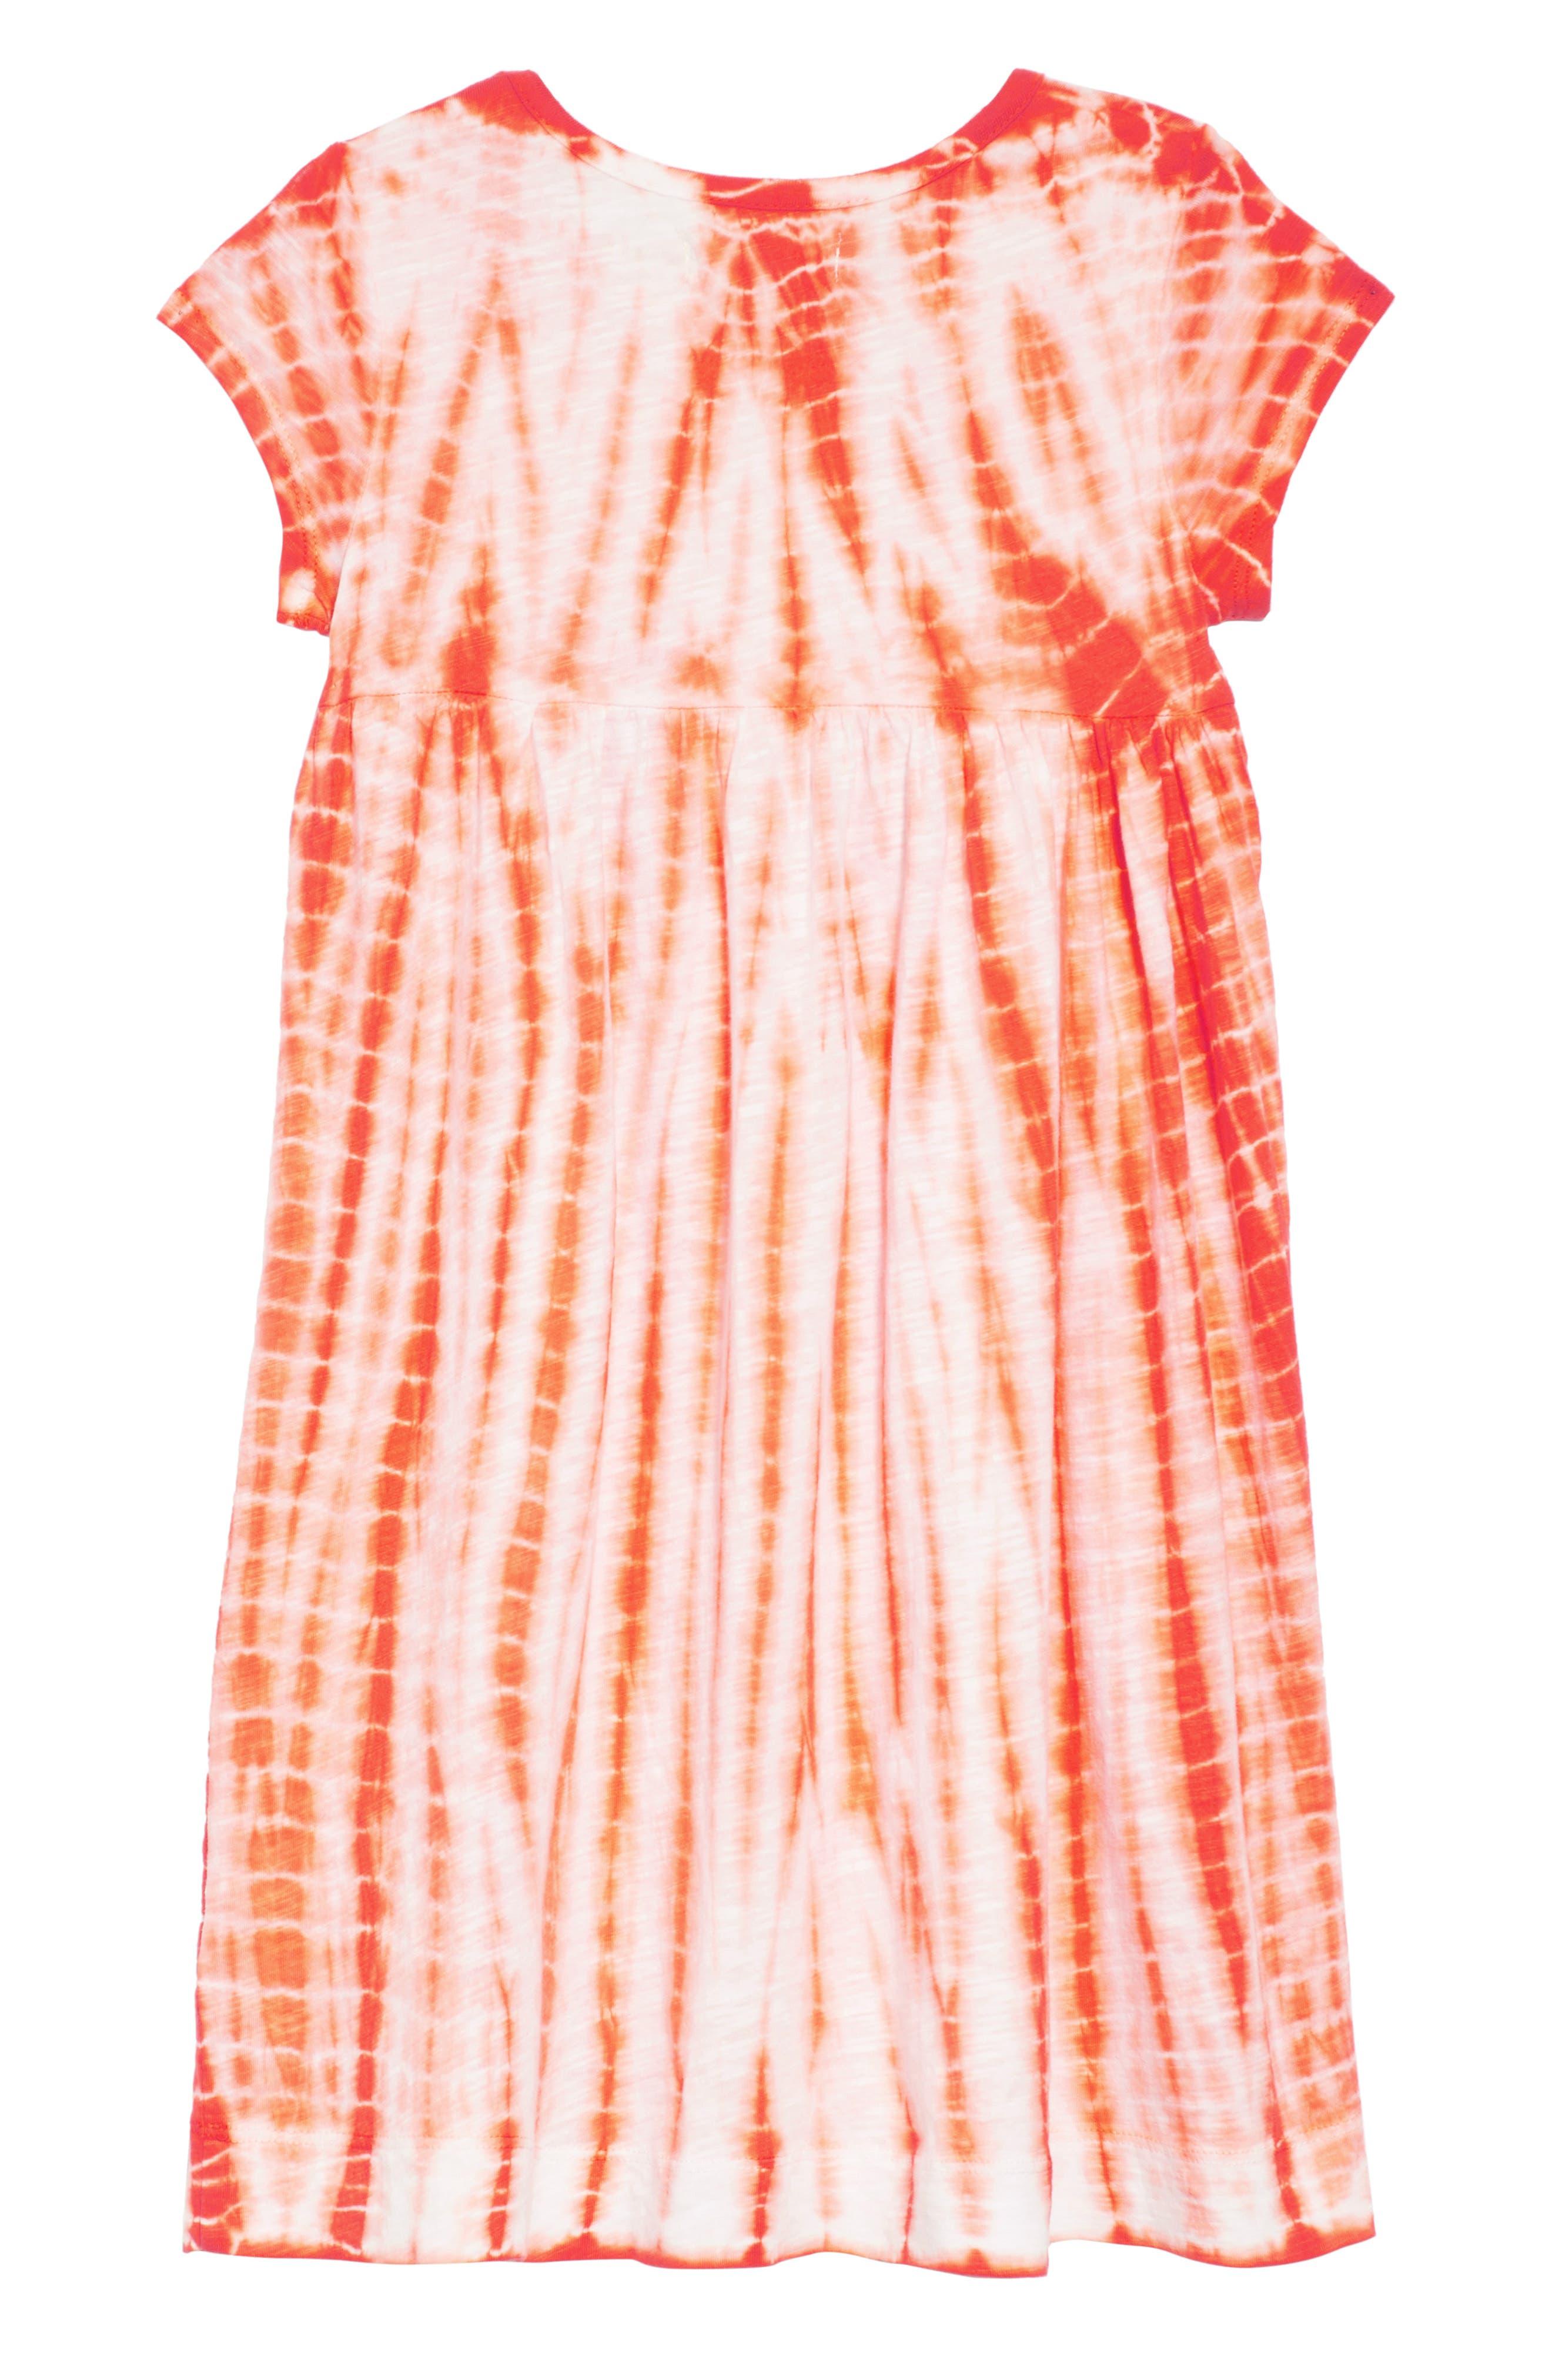 Tie Dye Dress,                             Alternate thumbnail 2, color,                             White- Coral Tie Dye